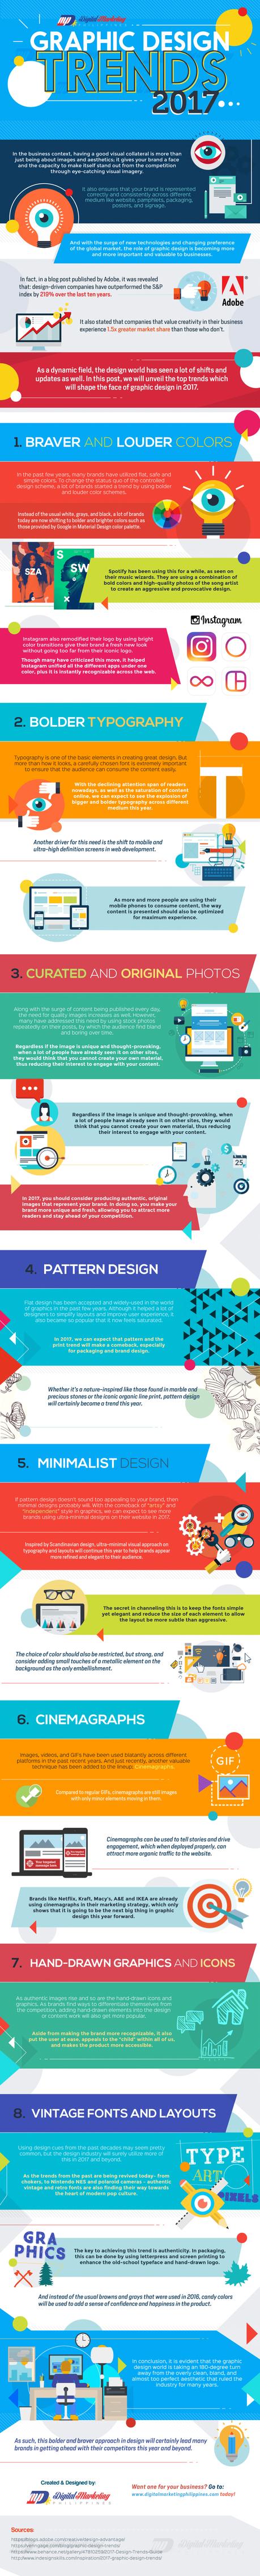 Les tendances graphique & design pour se démarquer sur le web